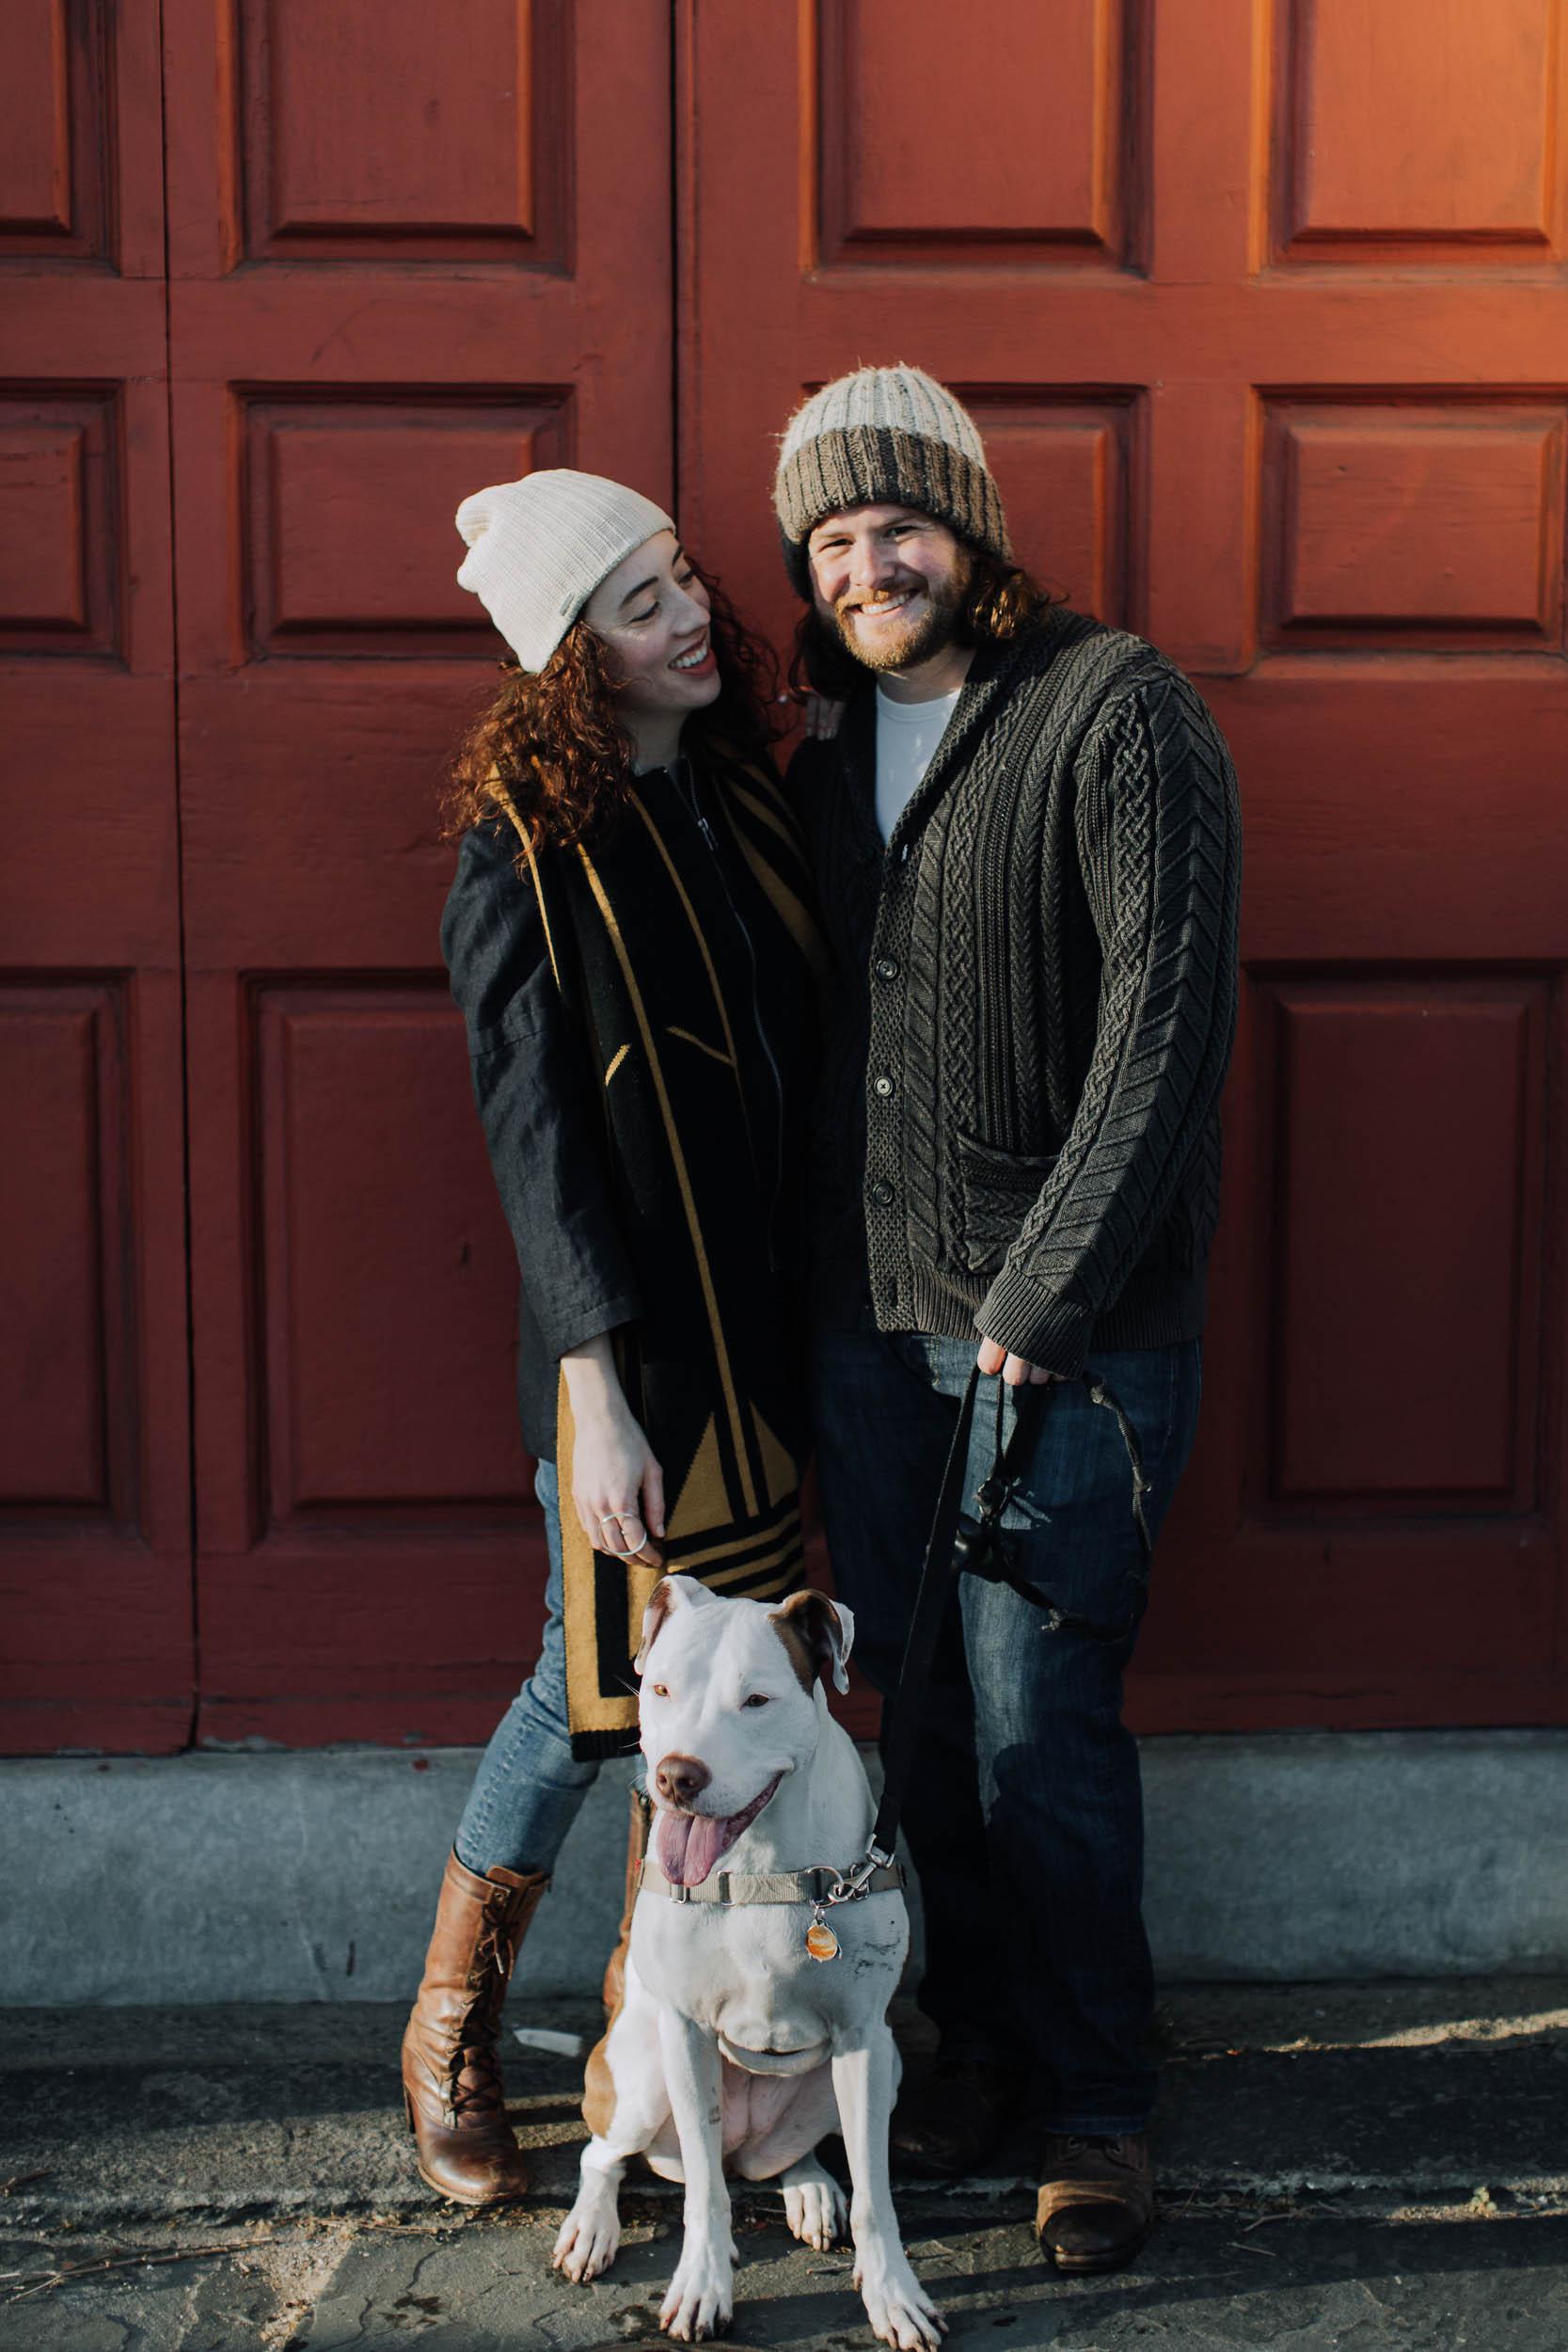 Kristen-Humbert-Family-Photoshoot-Philadelphia_Ruby-James-W-2-26.jpg